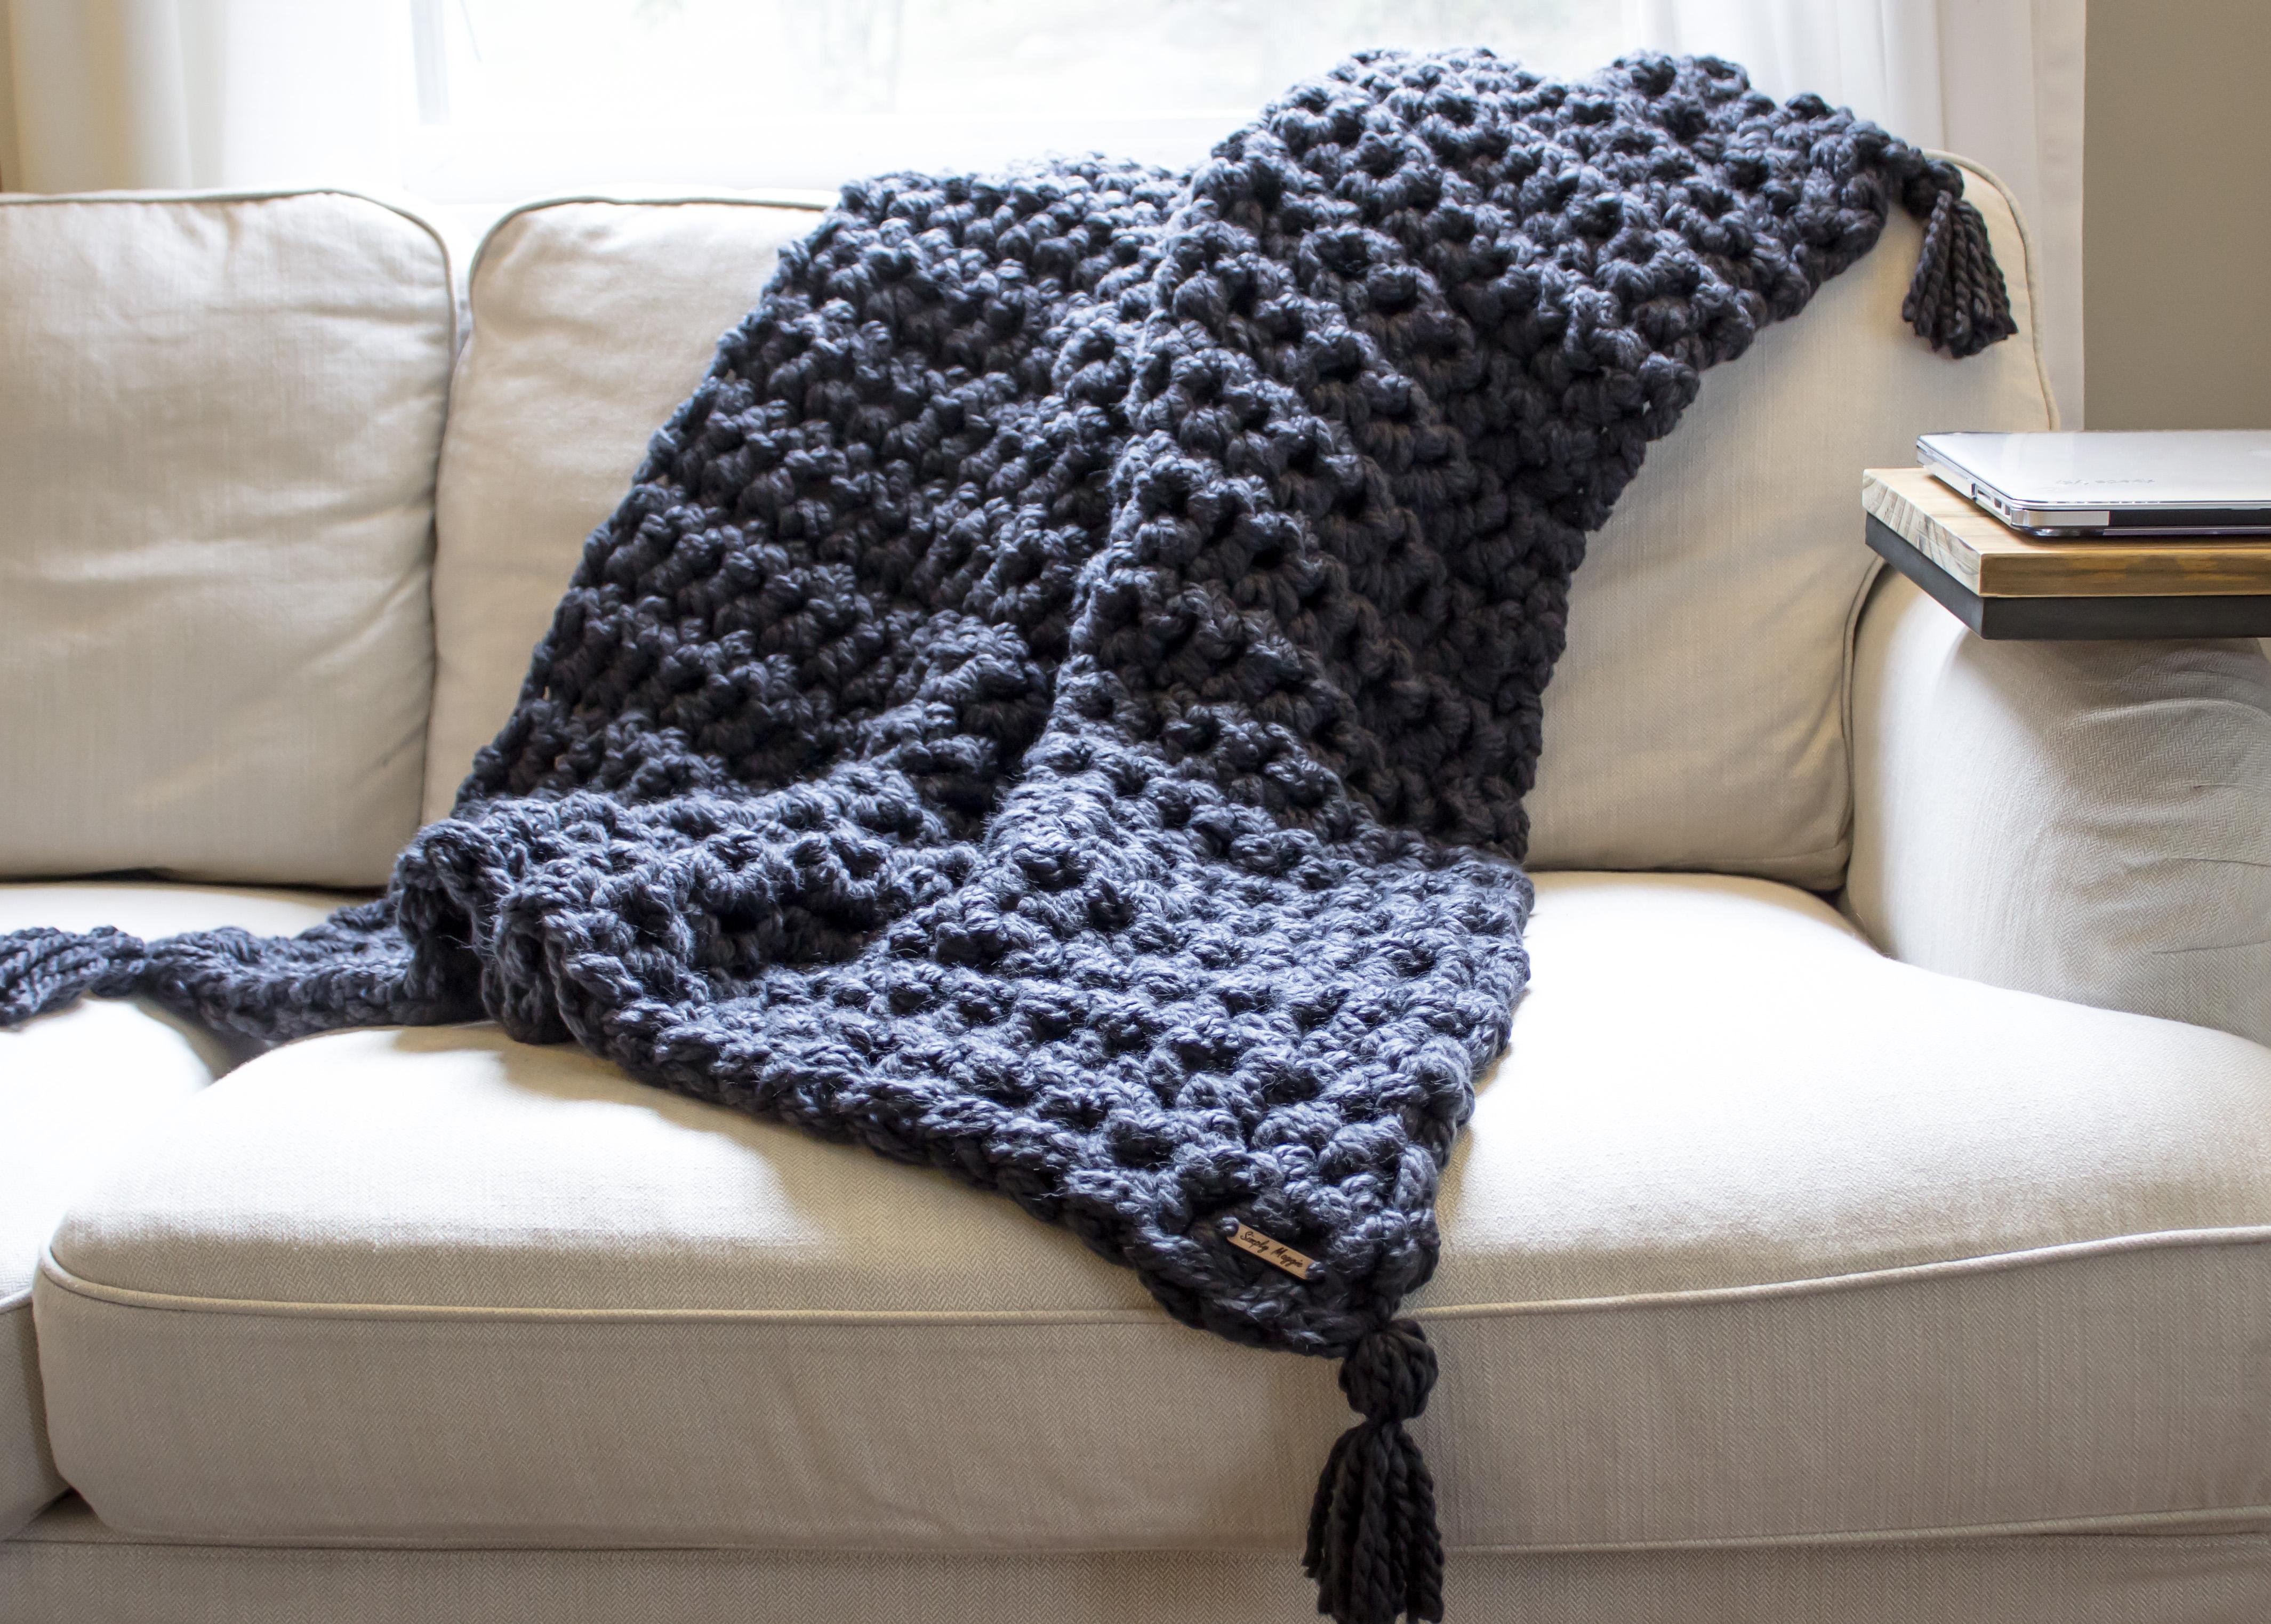 mermaid blanket pattern 3 1